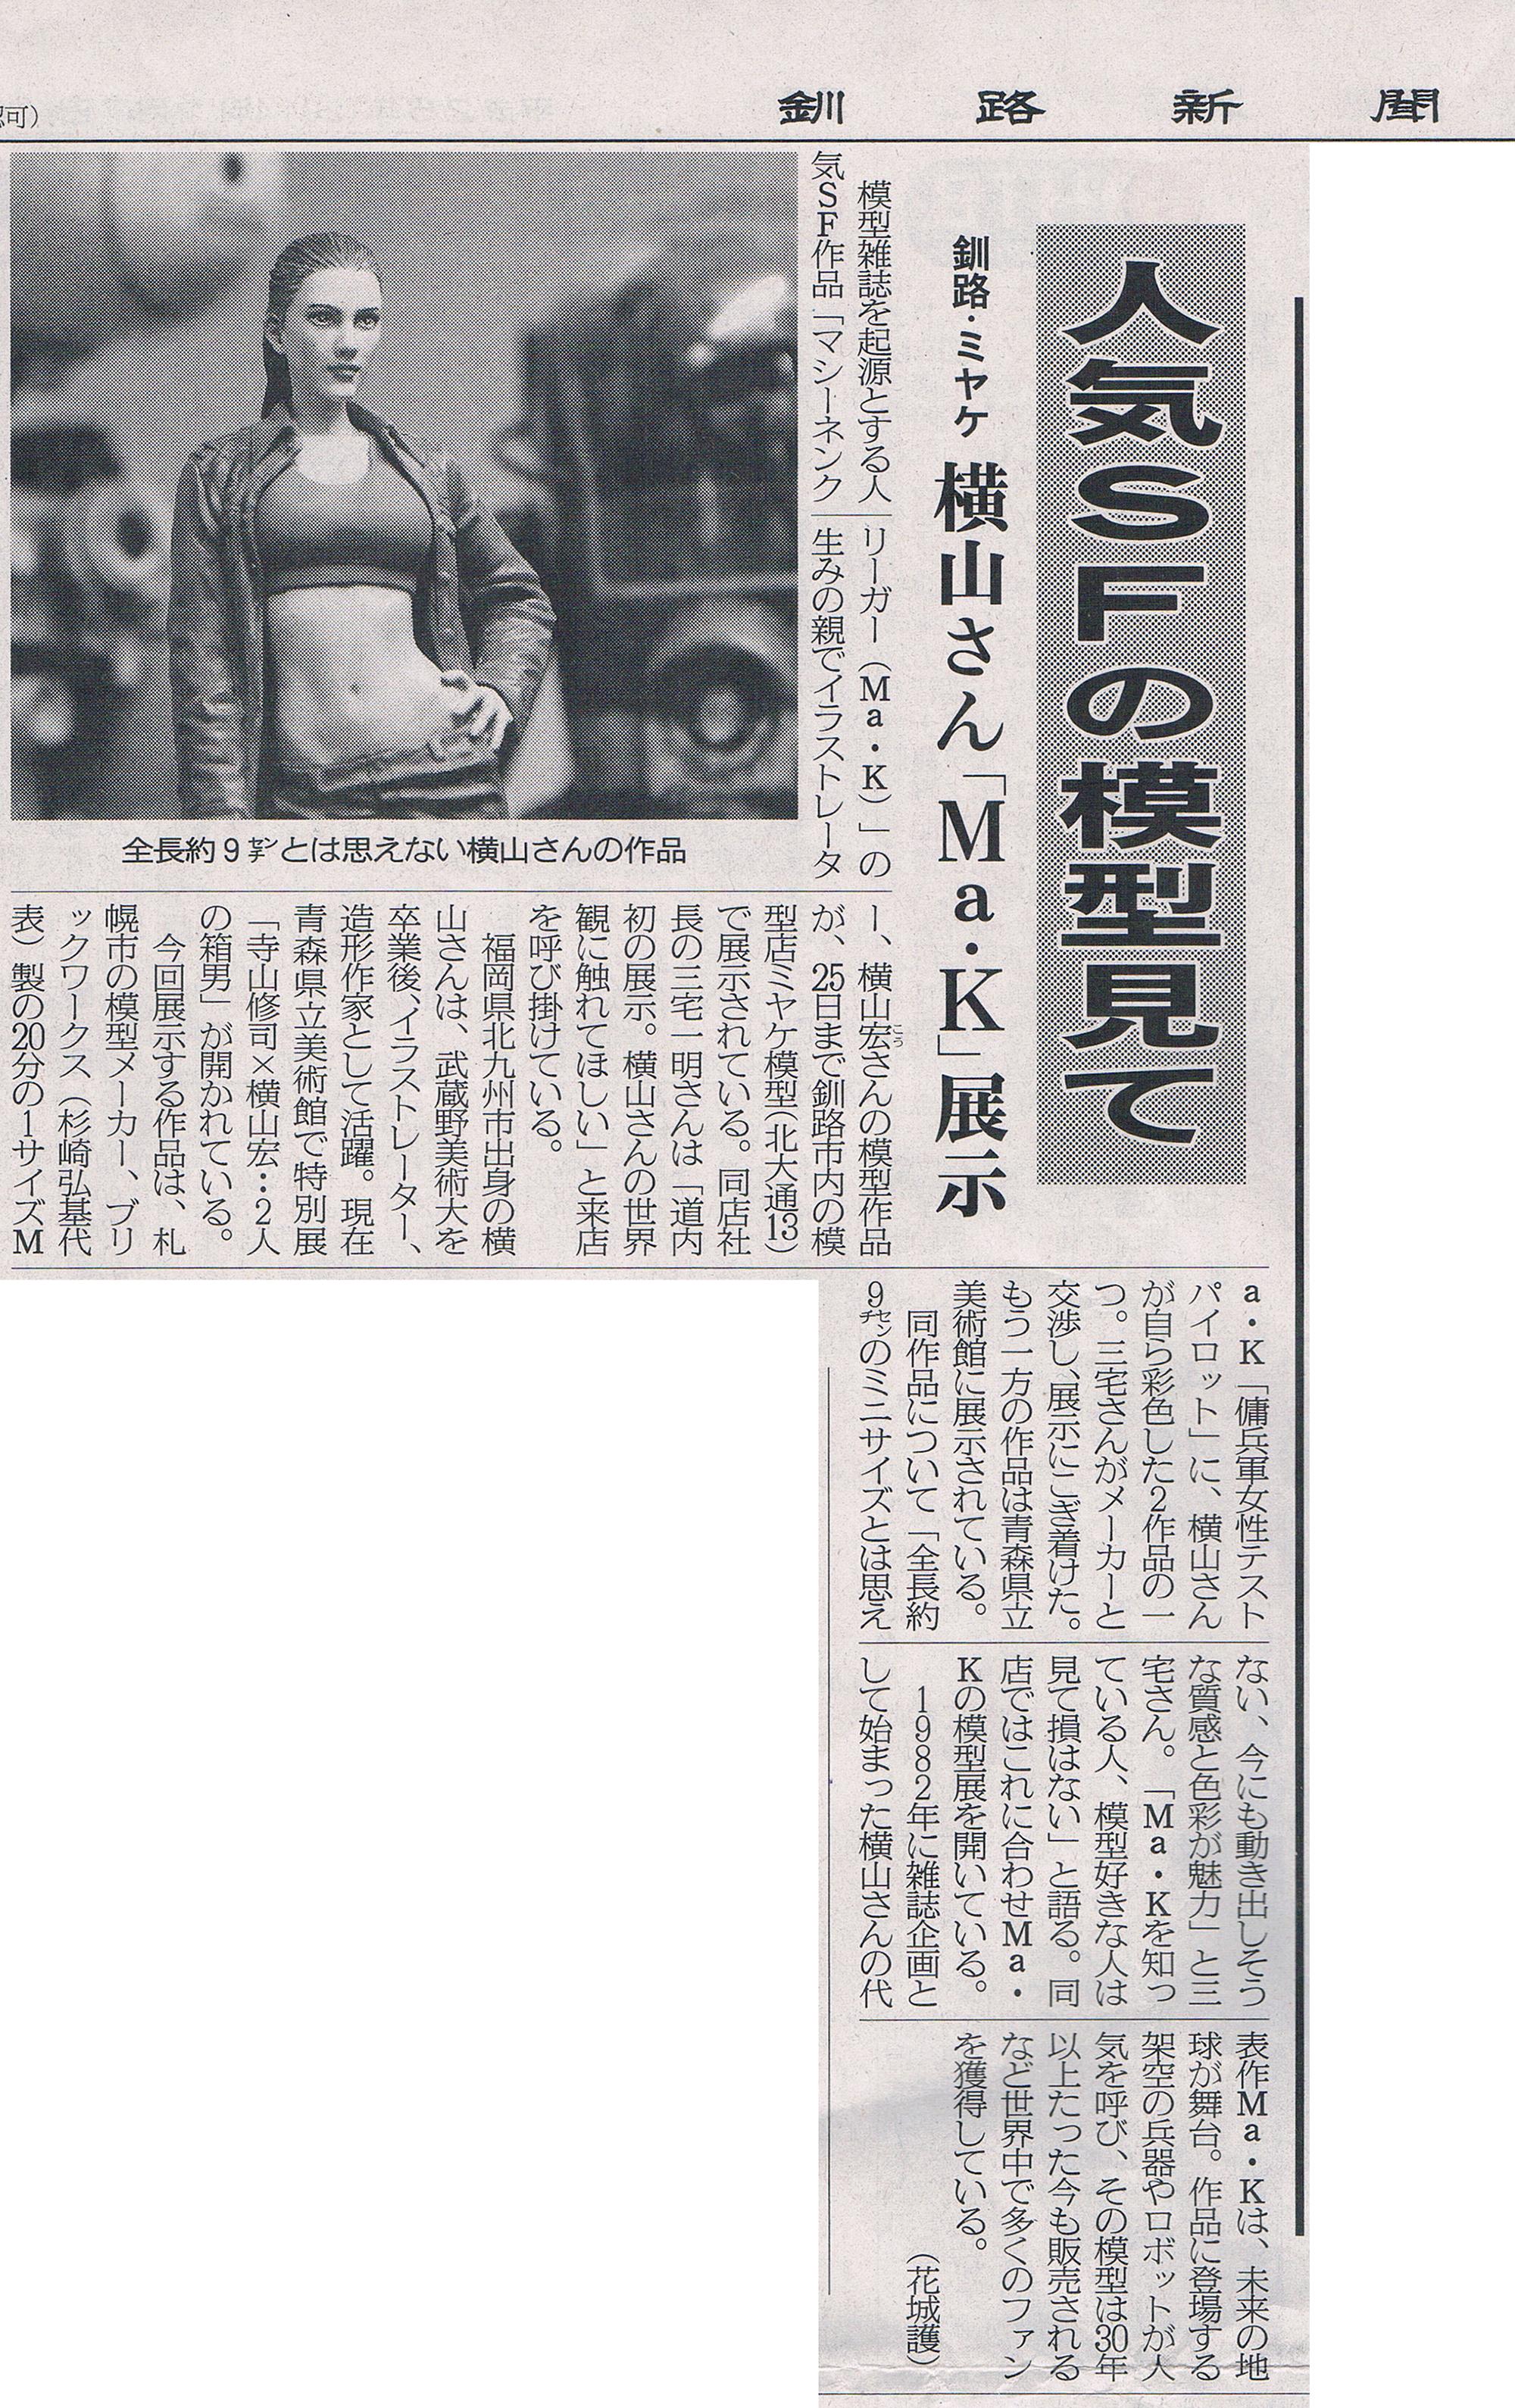 2014-1-7釧路新聞